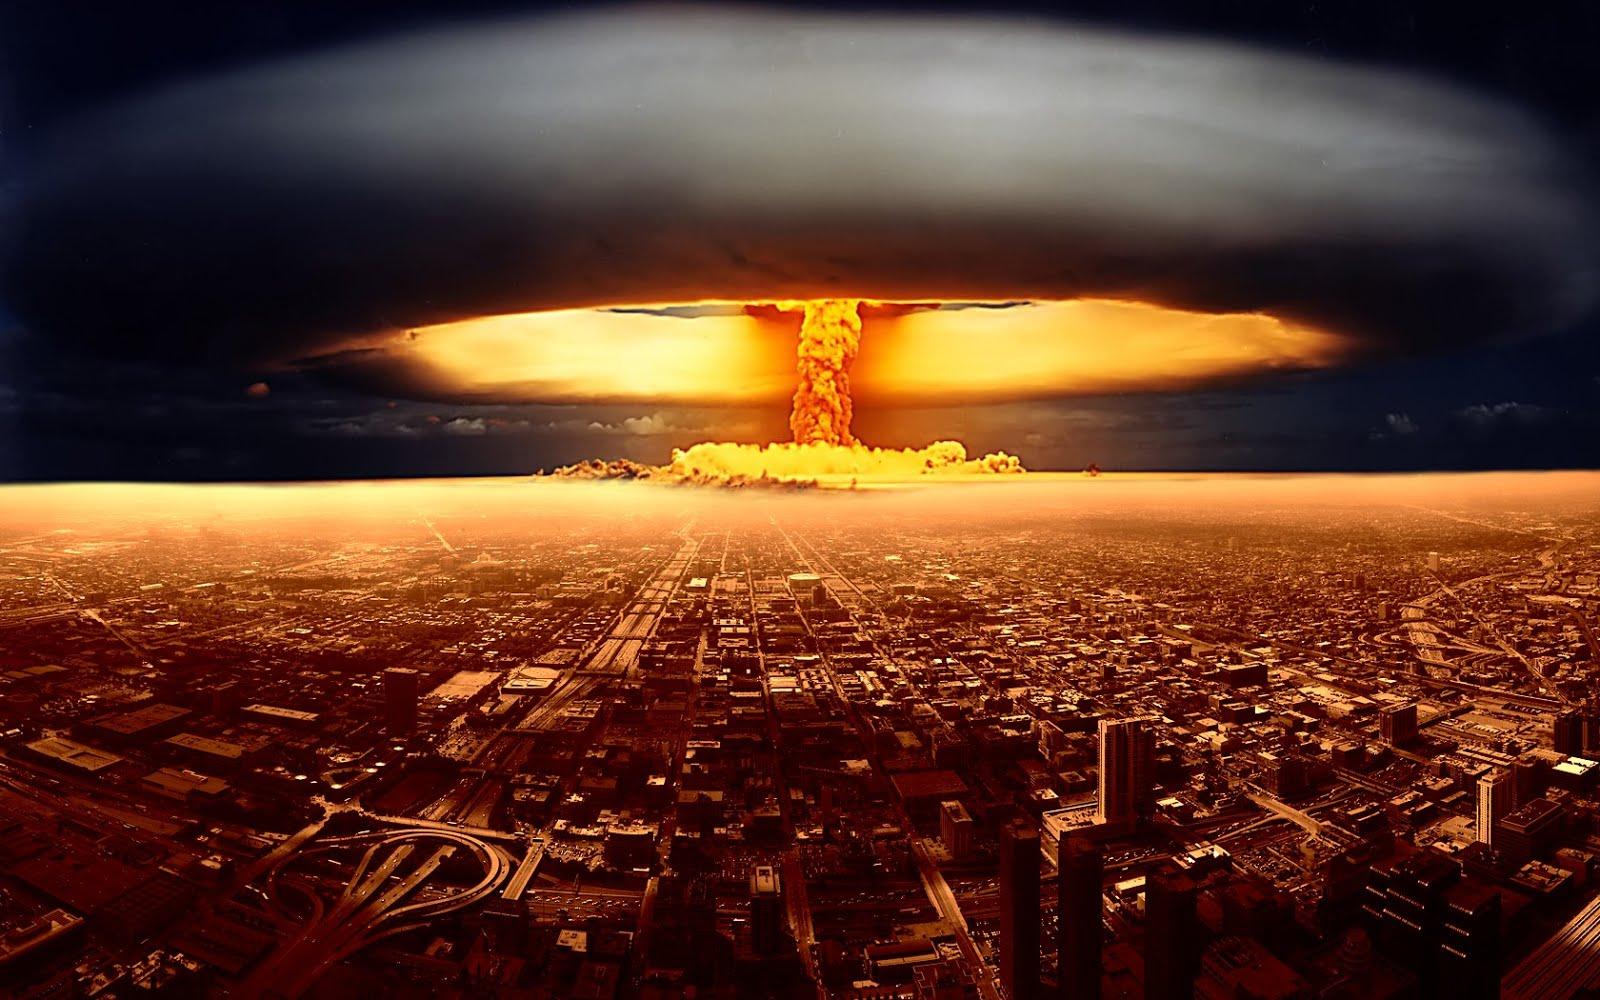 Por qué una 3ª Conflagración Mundial [que dicen las profecías, la biblia y el enemigo]